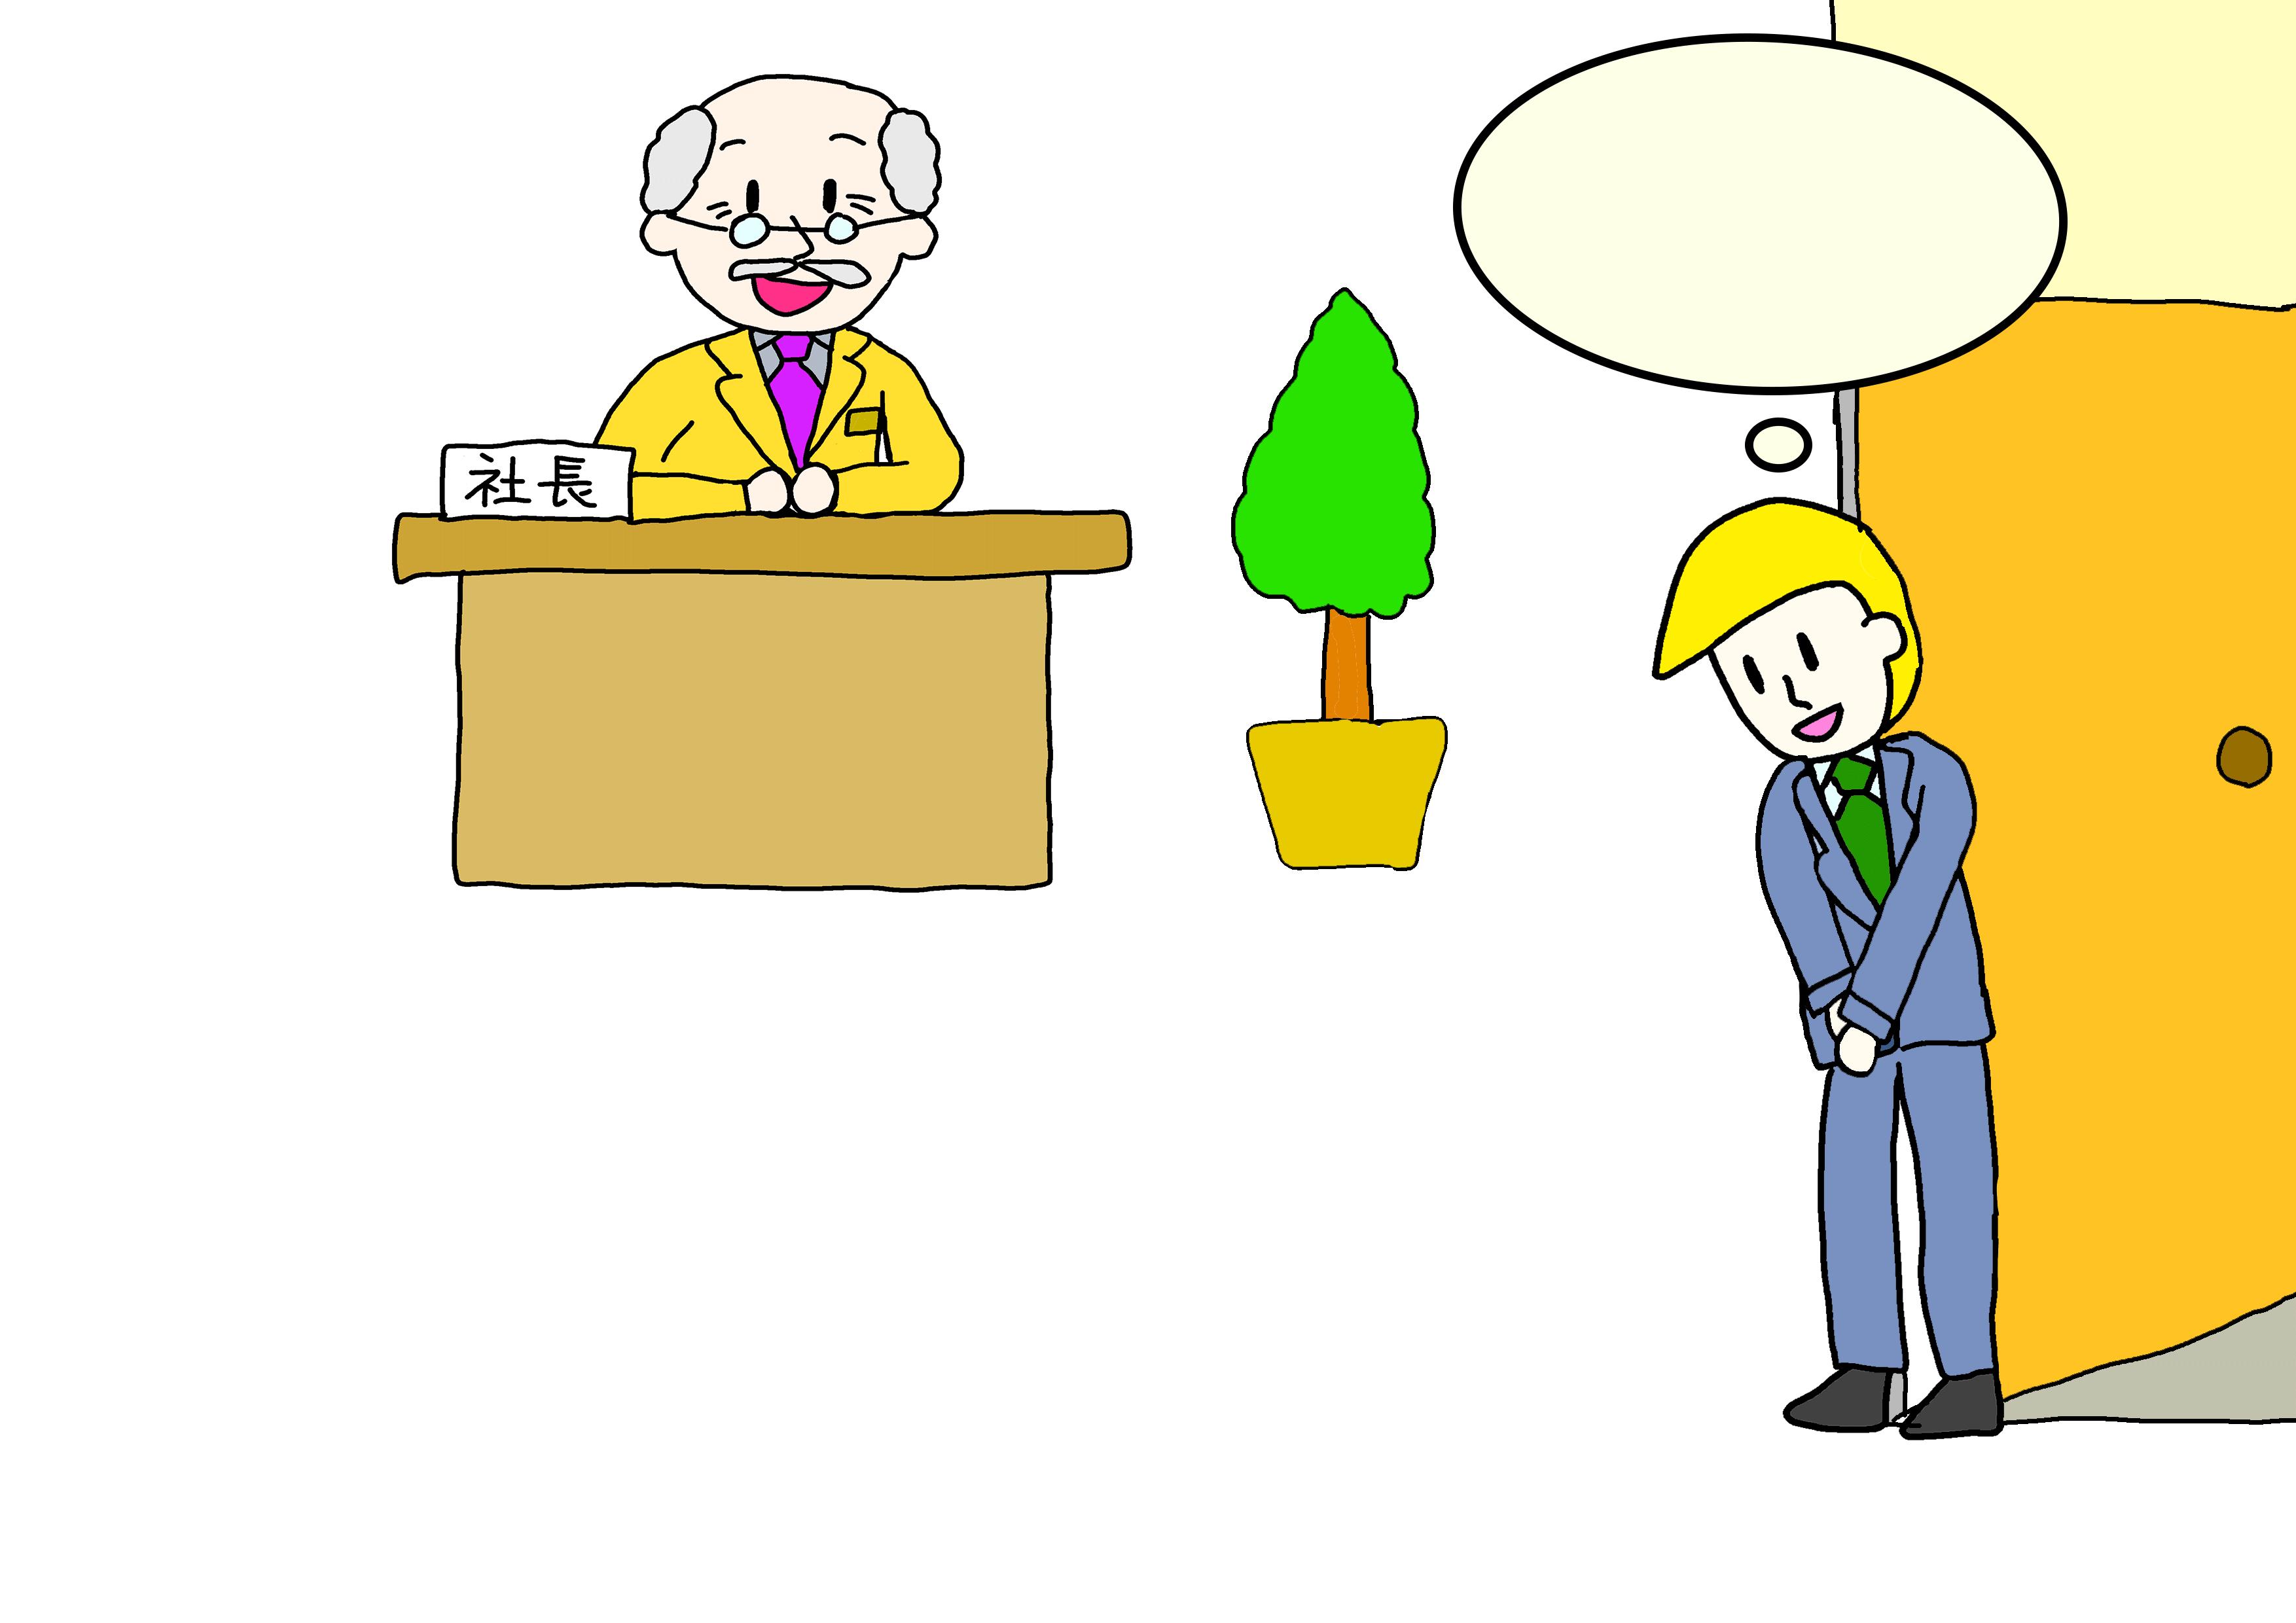 イラスト23課【失礼します】